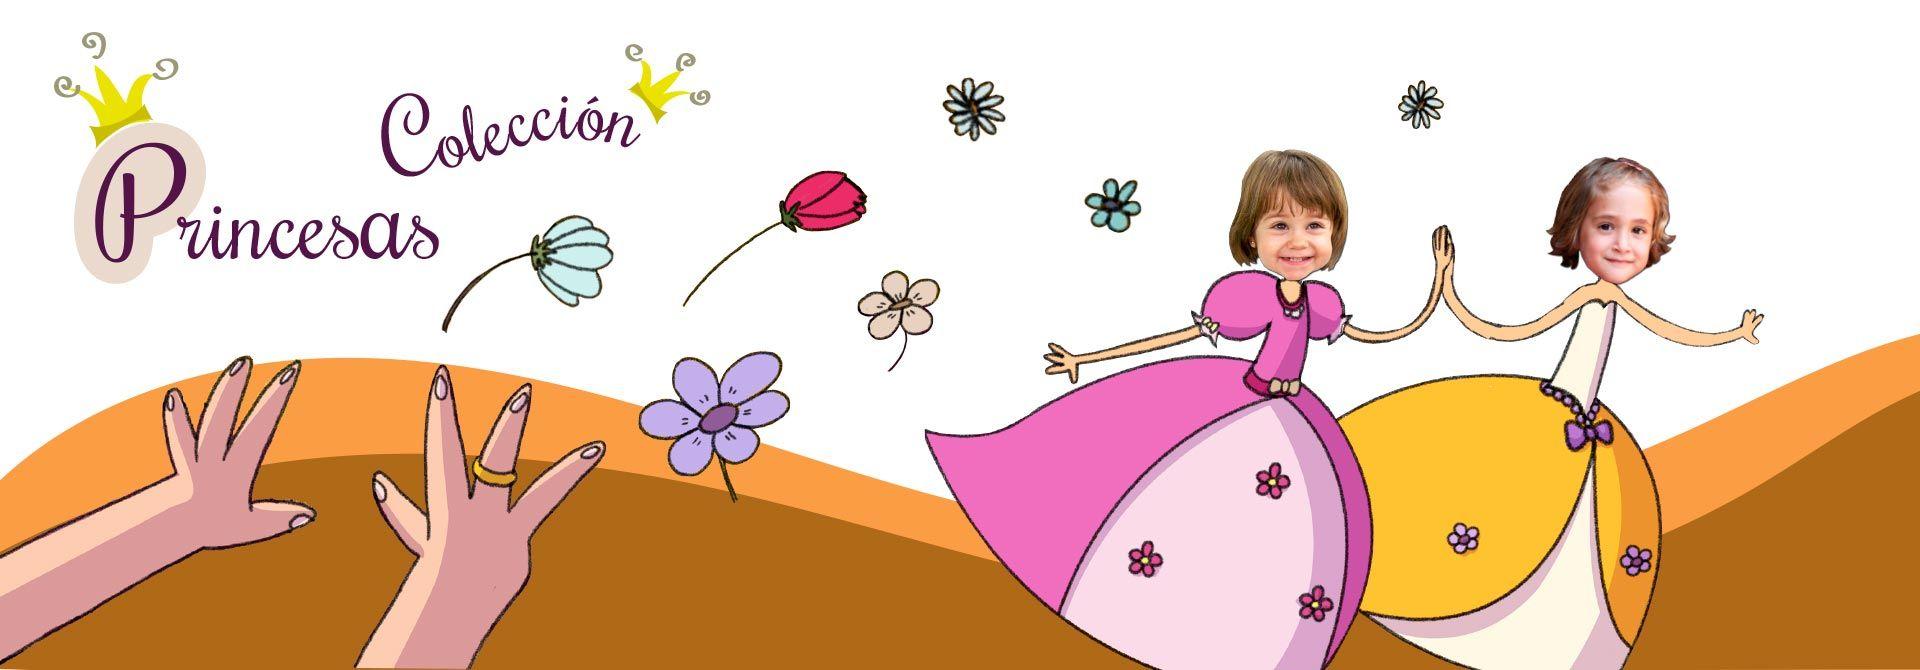 Colección cuentos princesas - Encabezado del producto